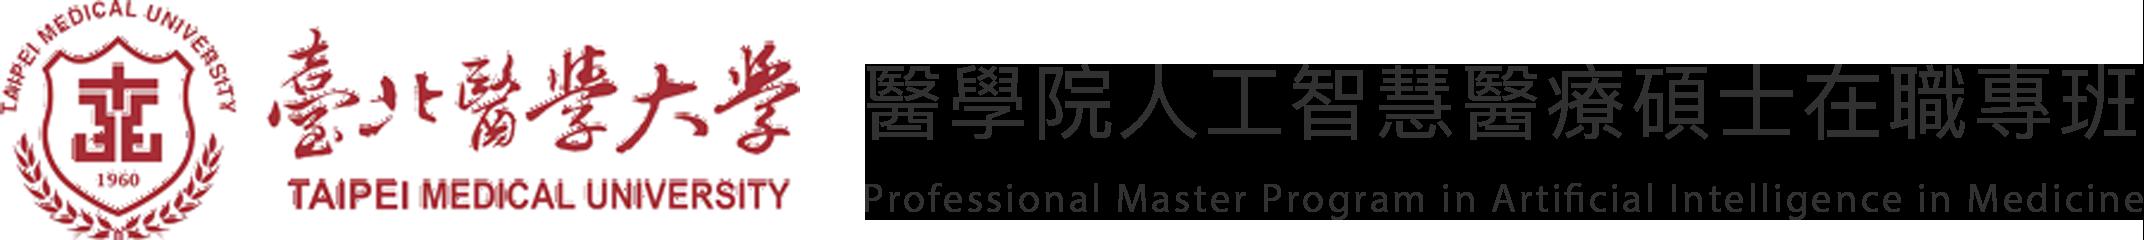 臺北醫學大學 醫學院人工智慧醫療碩士在職專班